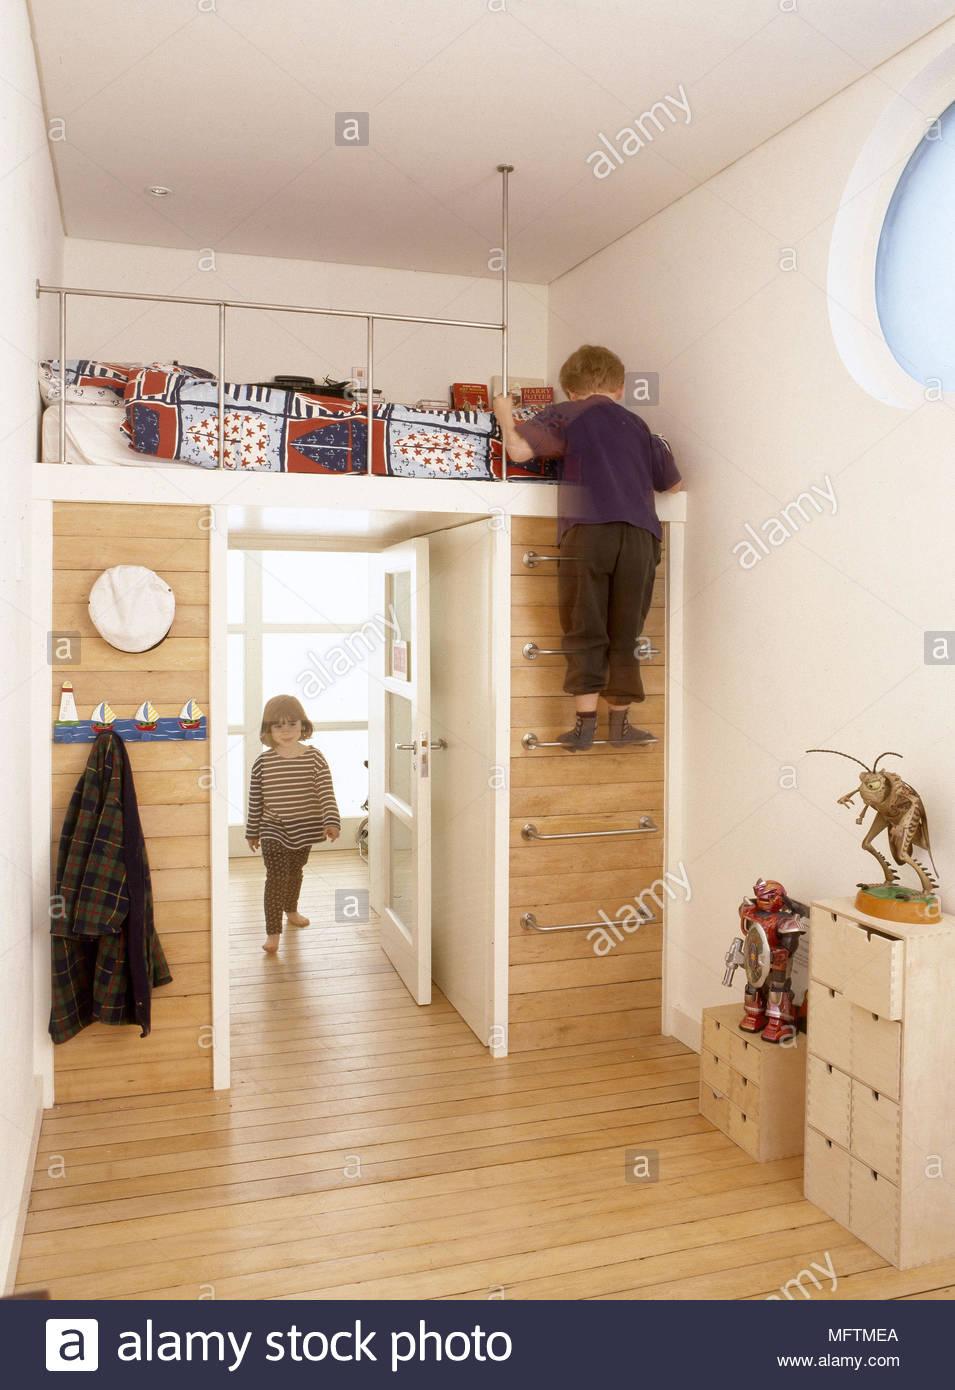 Kind Schlafzimmer Bett Angehoben Stahlleiter Holzboden Kind Bis